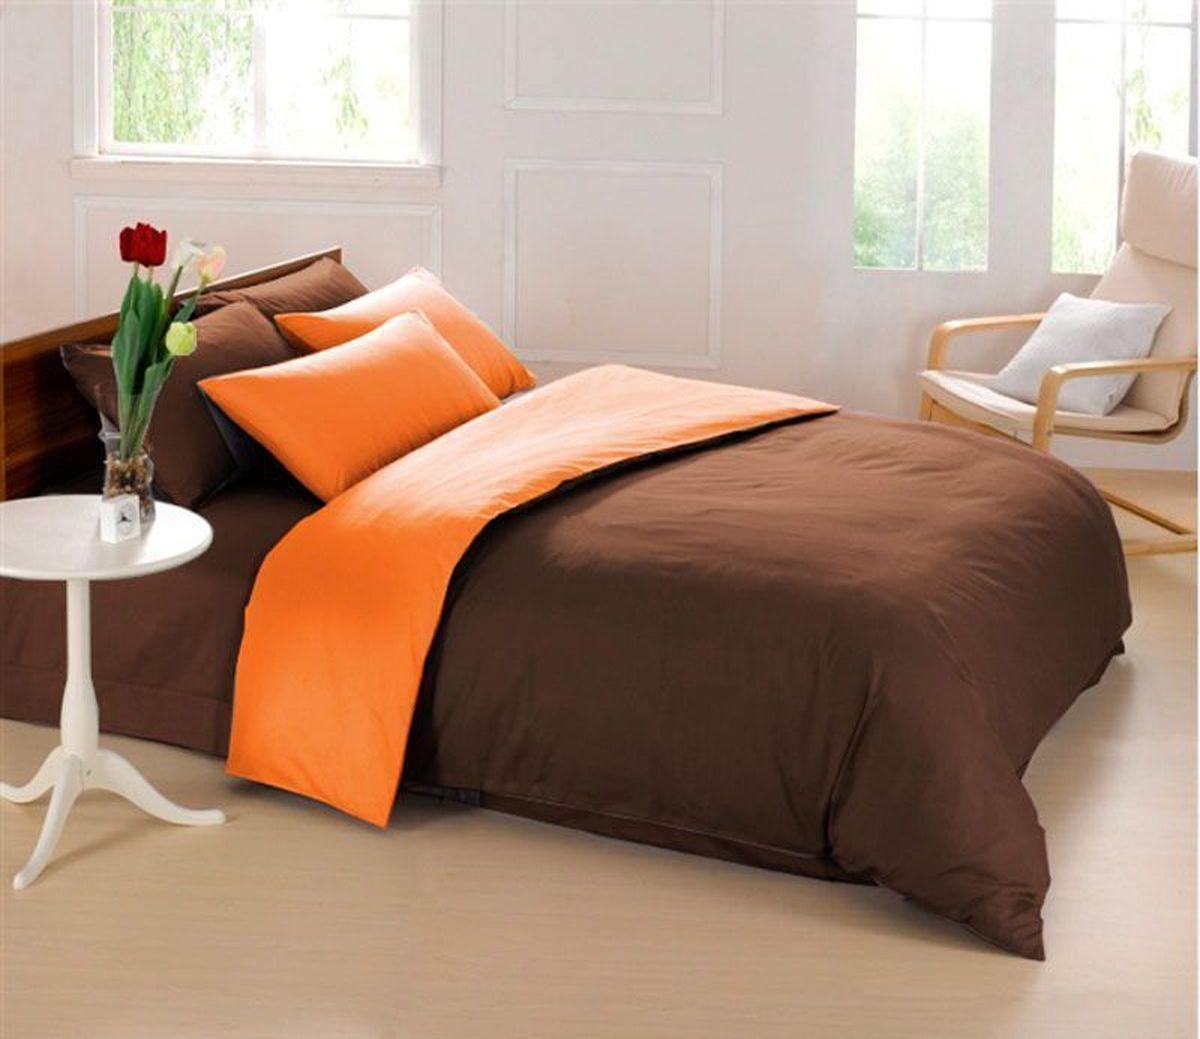 Постельное белье Sleep iX Perfection, семейный, цвет: оранжевый, темно-коричневыйpva215413Известно, что цвет напрямую воздействует на психологическое и физическое состояние человека. Специально для наших покупателей мы внесли описание воздействия каждого цвета в комплекты постельного белья Perfection. Оранжевый – вызывает ощущение теплоты, бодрости, веселья, создает хорошее настроение. Оранжевый омолаживает, возбуждает аппетит, способствует оптимистическому настрою и гармонии с окружающей средой. Коричневый - спокойный и сдержанный цвет. Вызывает ощущение тепла, способствует созданию спокойного мягкого настроения. Это цвет надежности, прочности, здравого смысла. Производитель: Sleep iX Материал: Микрофреш (100 г/м2) Состав материала: 100% микрофибра Размер: Семейное (2 пододеял.) Размер пододеяльника: 150х220 см Тип застежки на пододеяльнике: Молния (100 см) Размер простыни: 220х240 (обычная) Размер наволочек: 50х70 и 70х70 (по 2 шт) Тип застежки на наволочках: Клапан (20 см) Упаковка комплекта: Подарочная Коробка Cтрана...